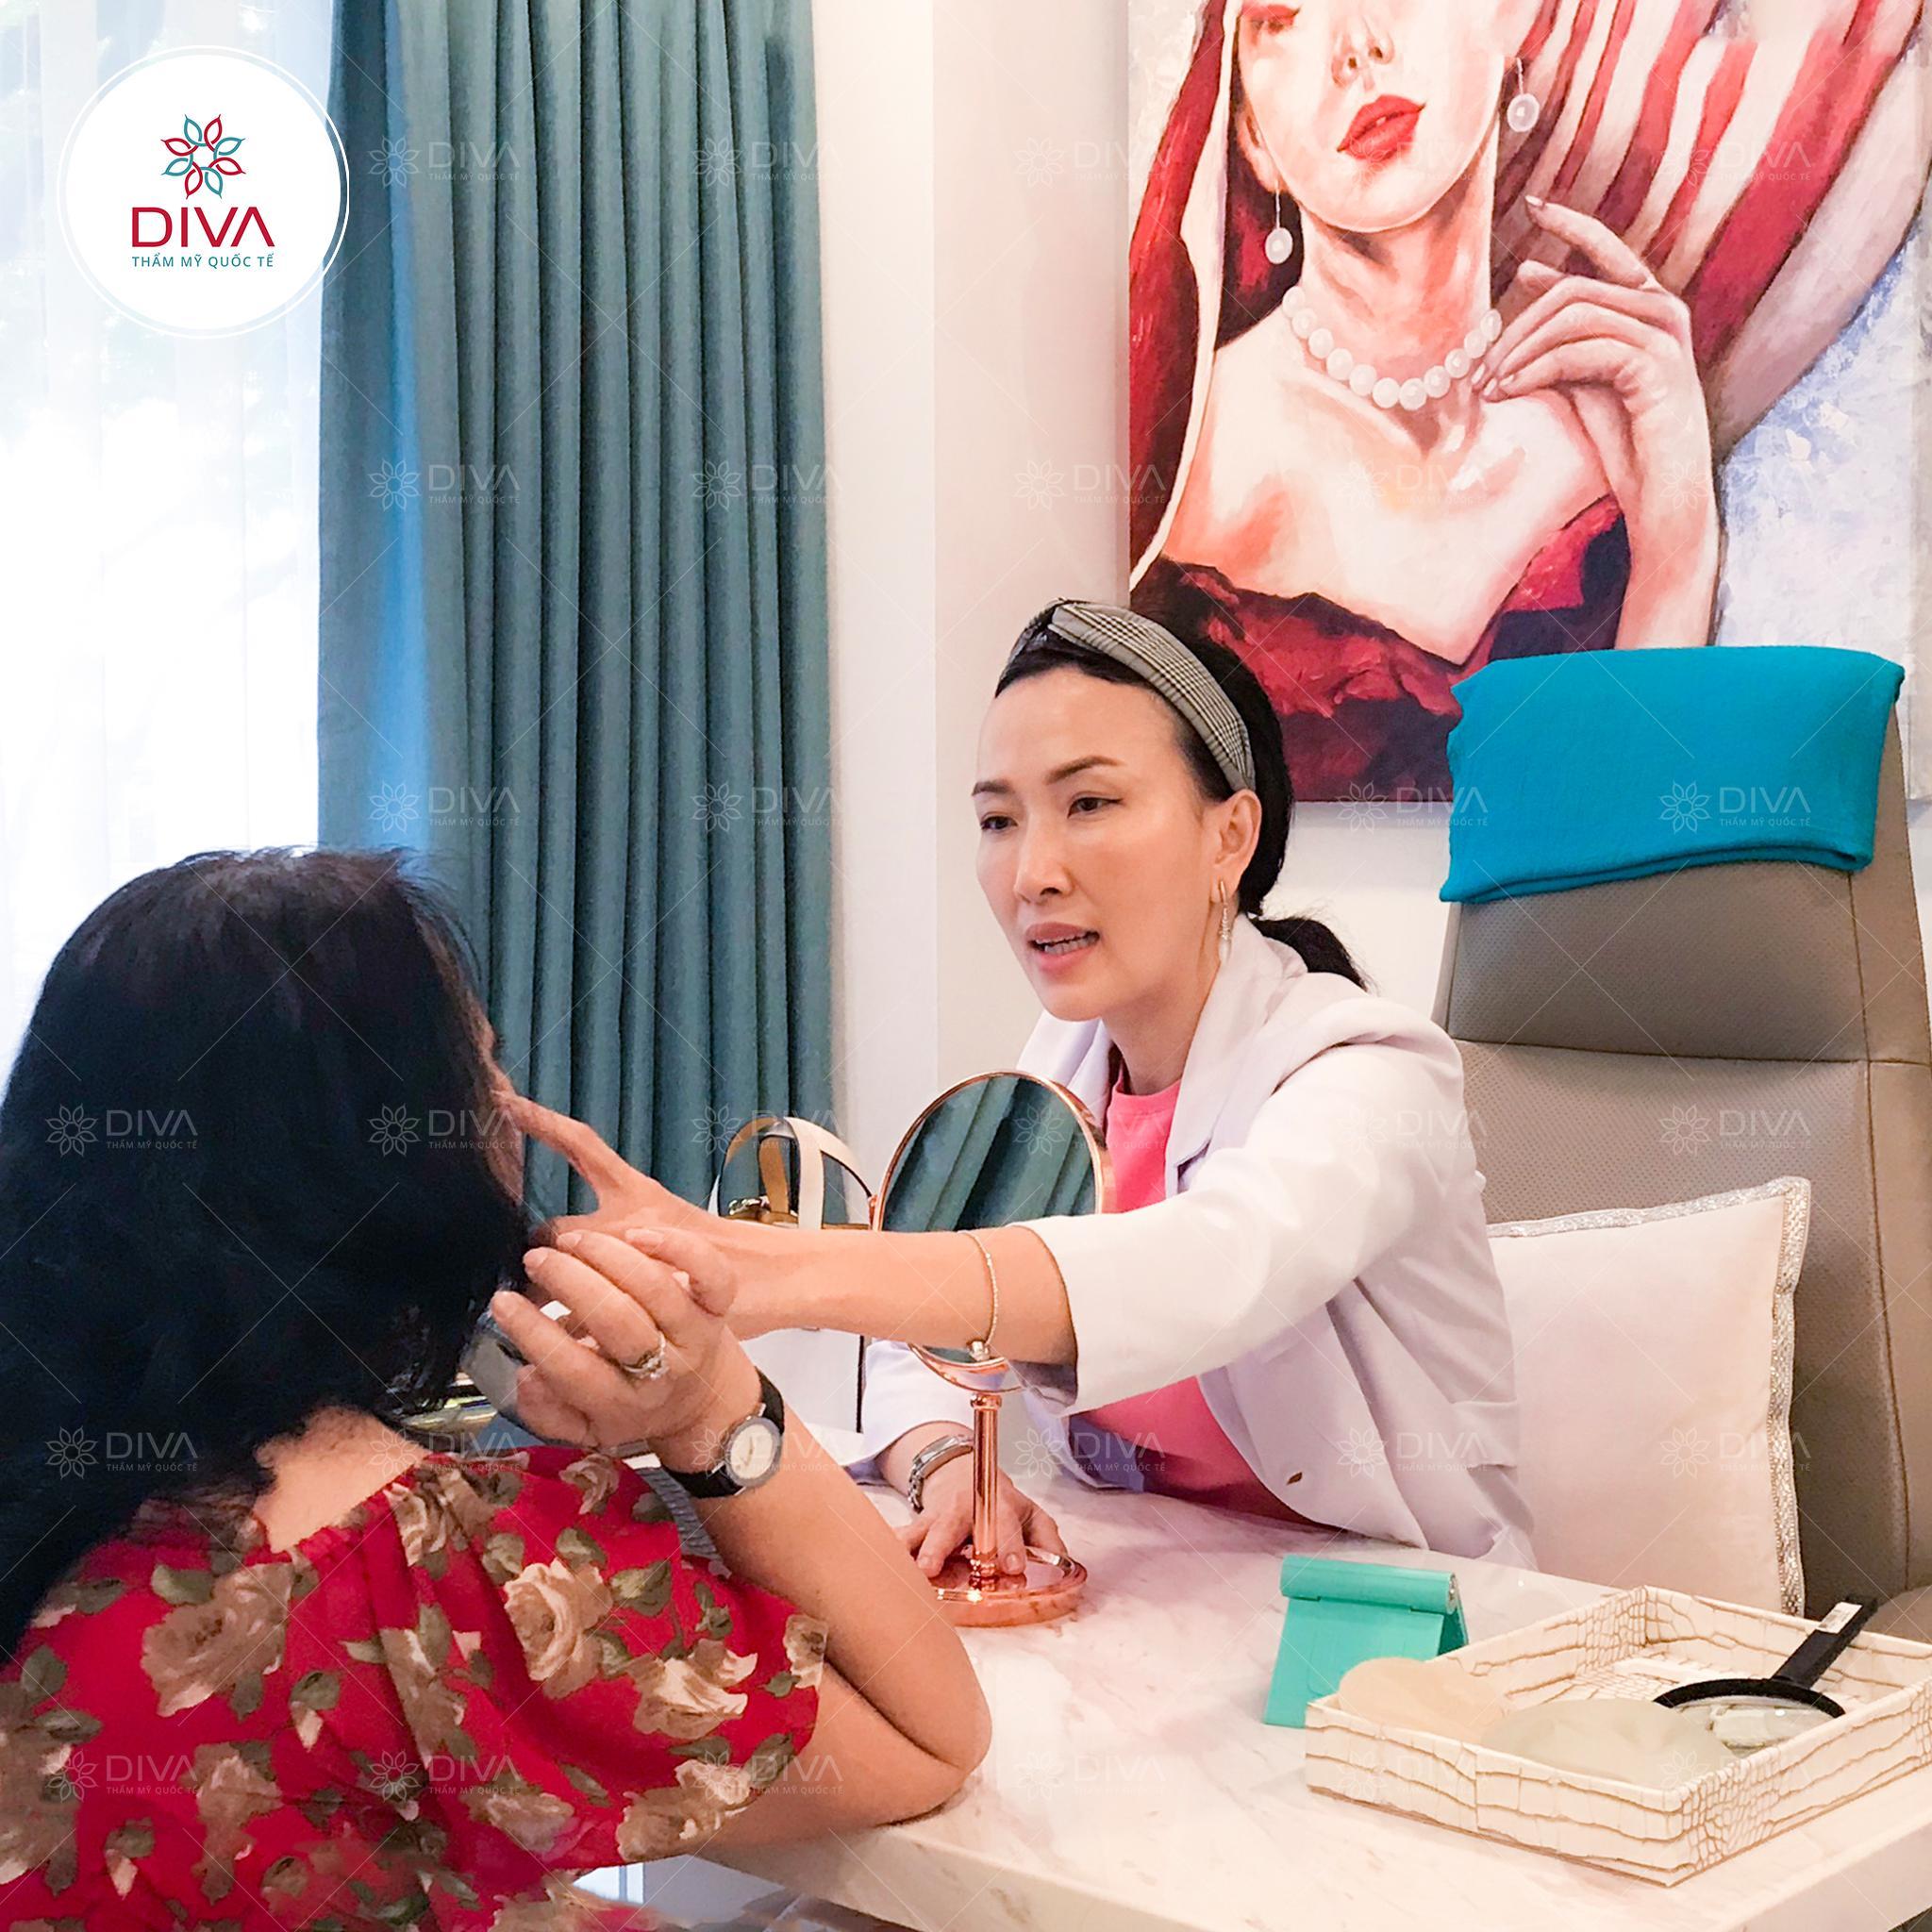 Bác sĩ của DIVA trực tiếp thăm khám, tư vấn cấy mỡ mặt